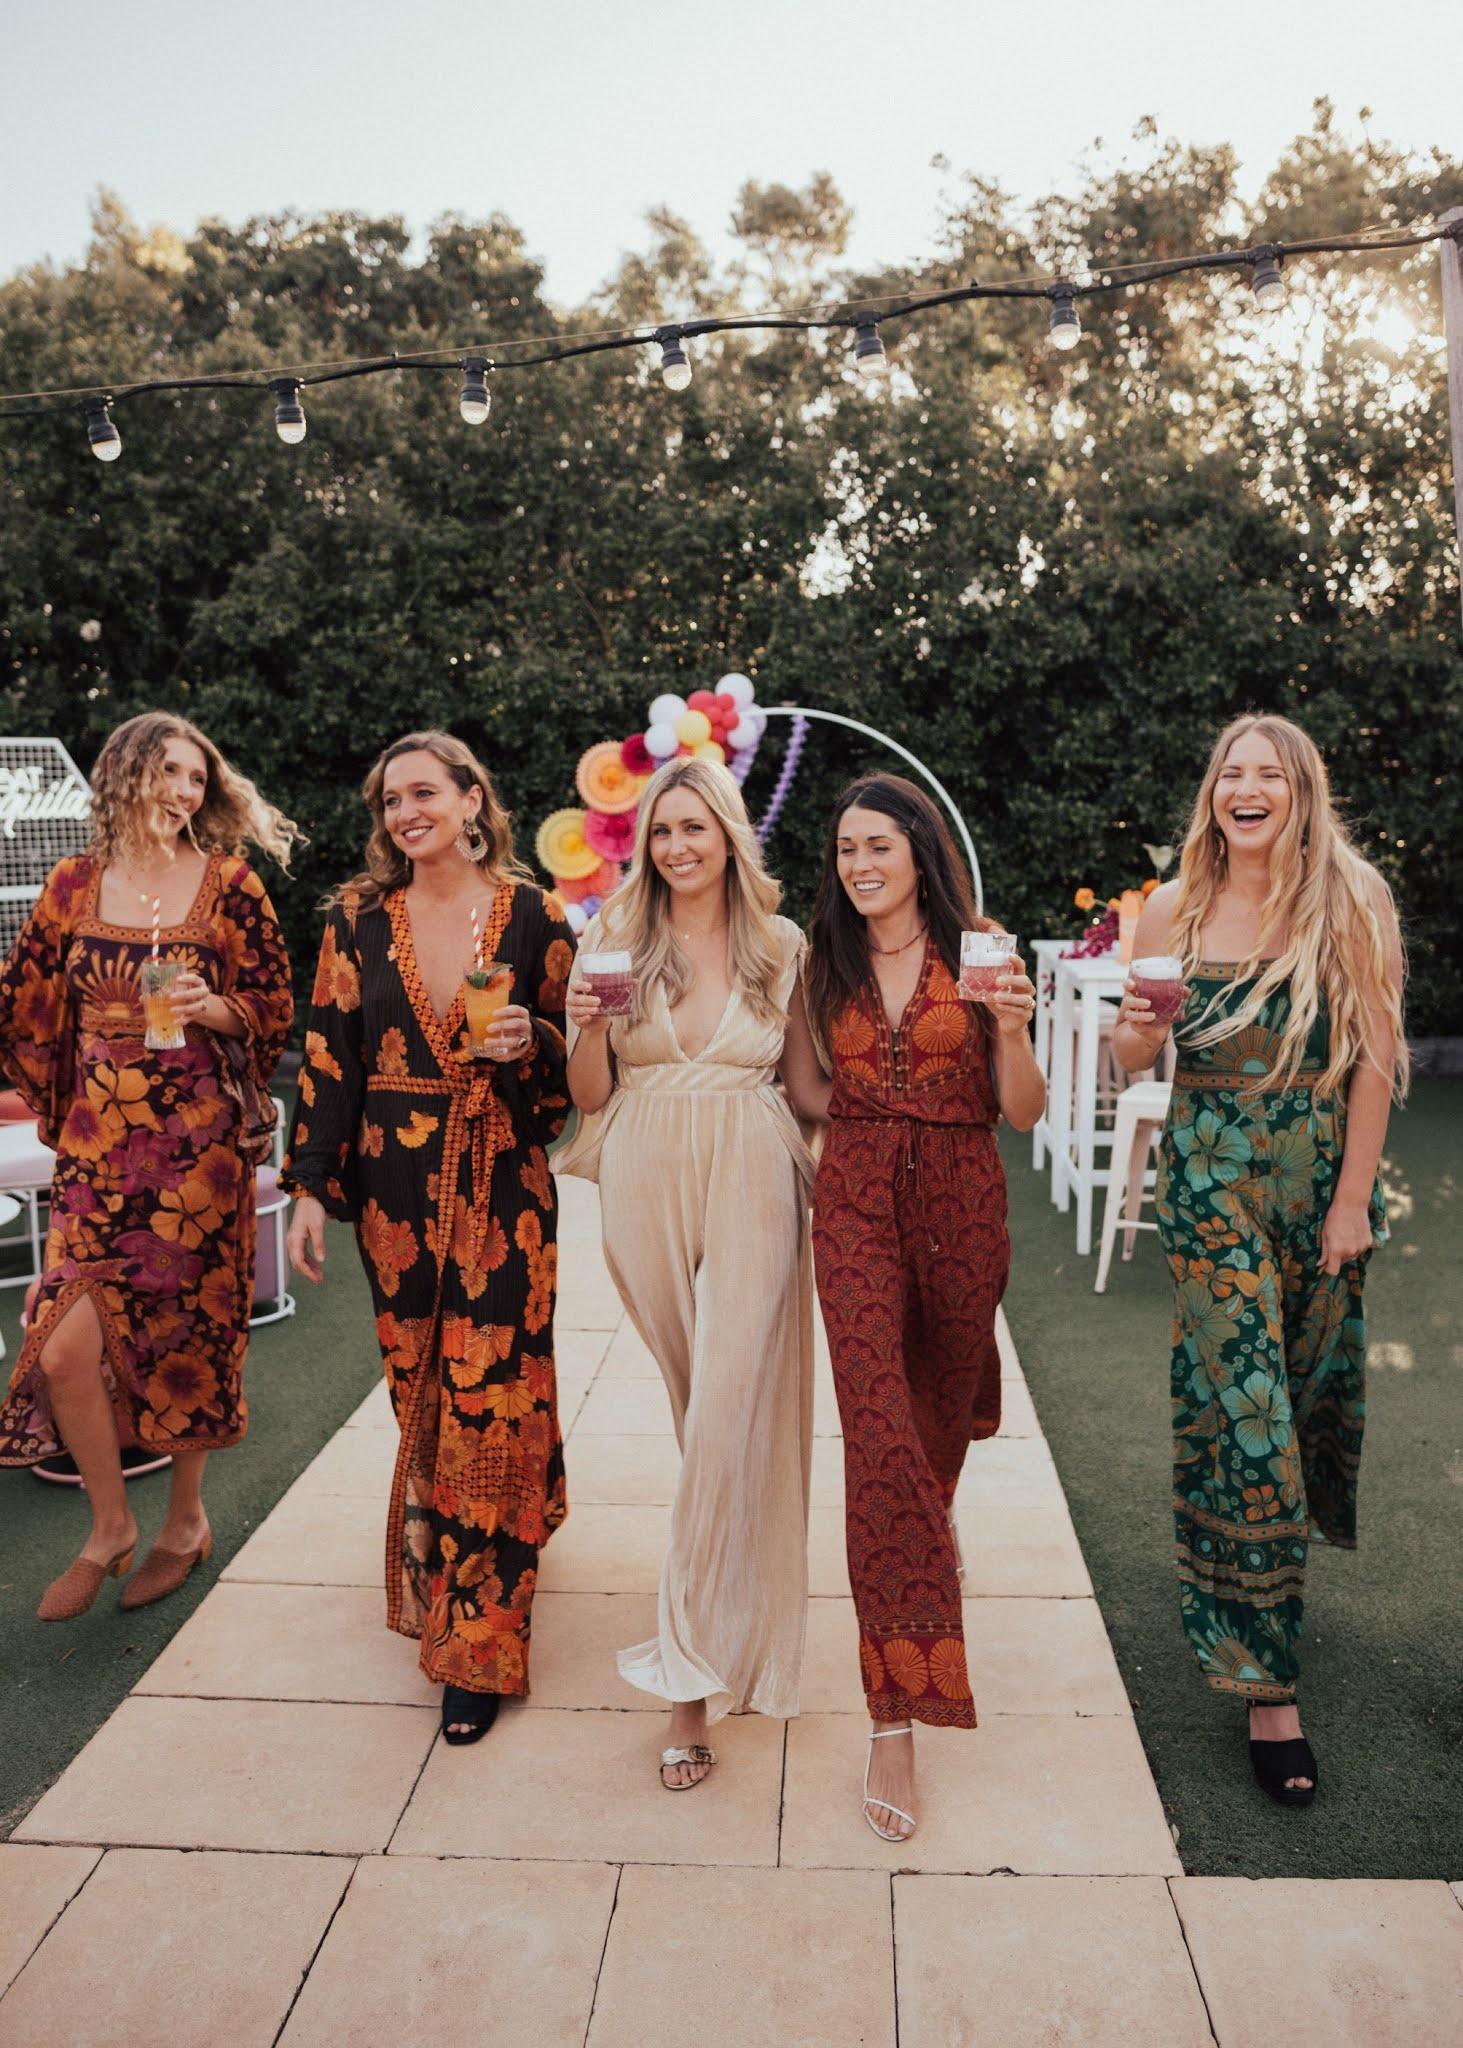 Vrouwen op het vrijgezellenfeest van de bruid